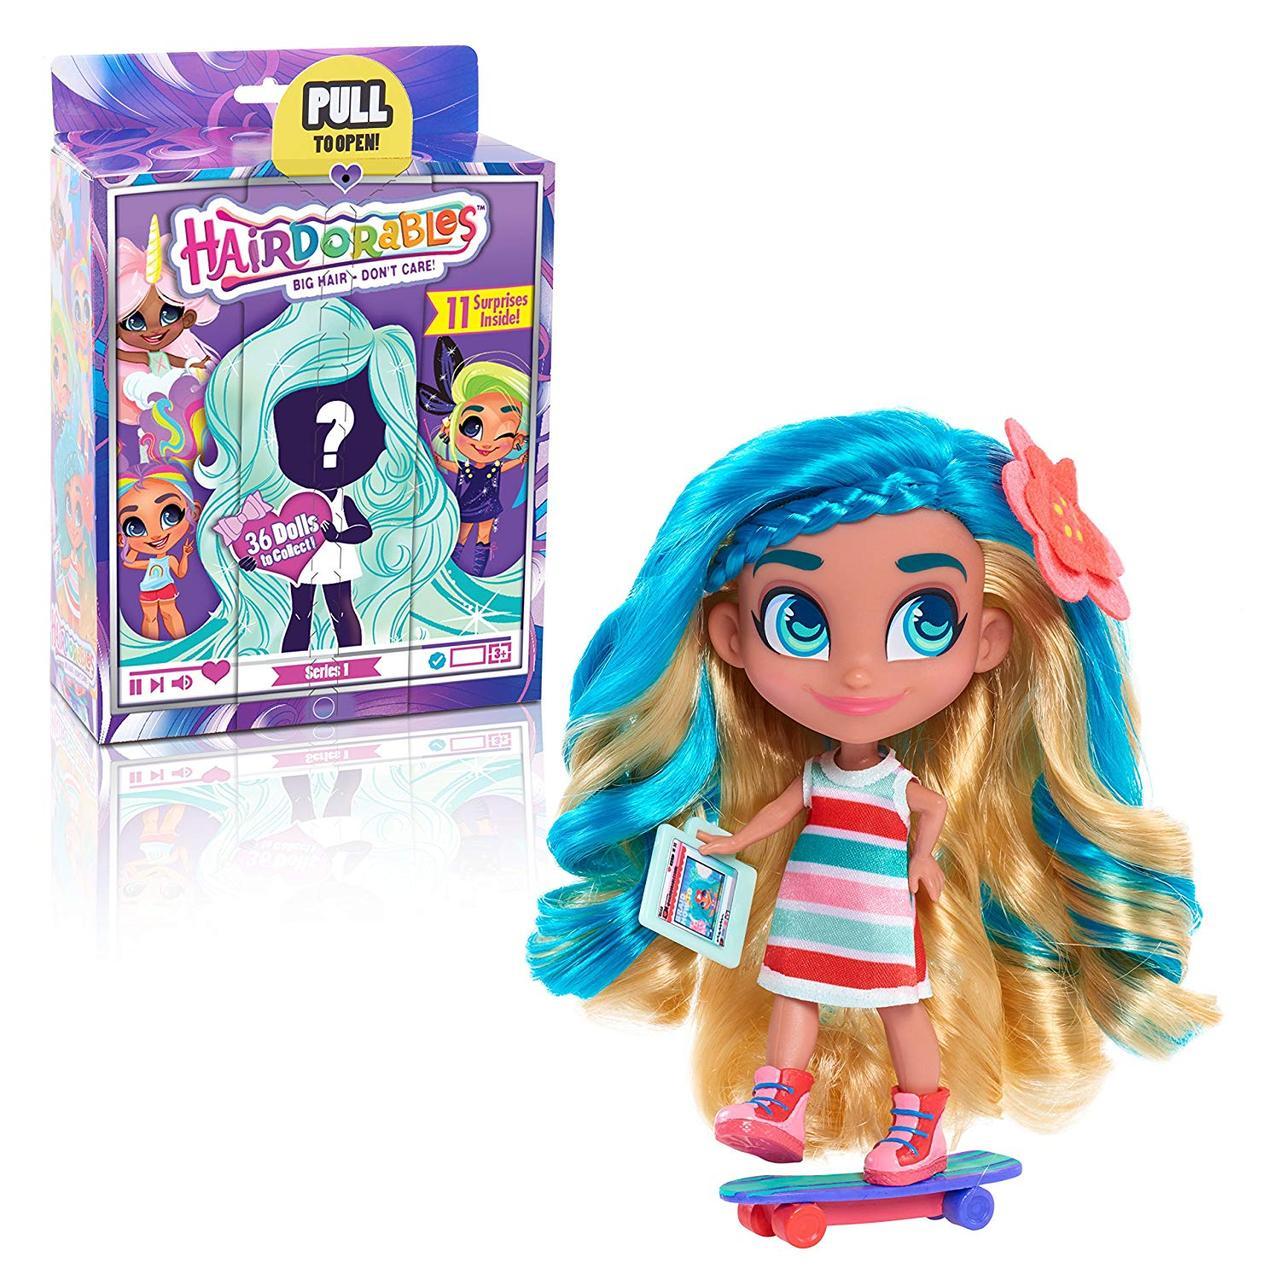 Лялька Hairdorables Collectible Surprise Dolls 1 серія лялька Хердорабалс/Хэрдораблс сюрприз оригінал